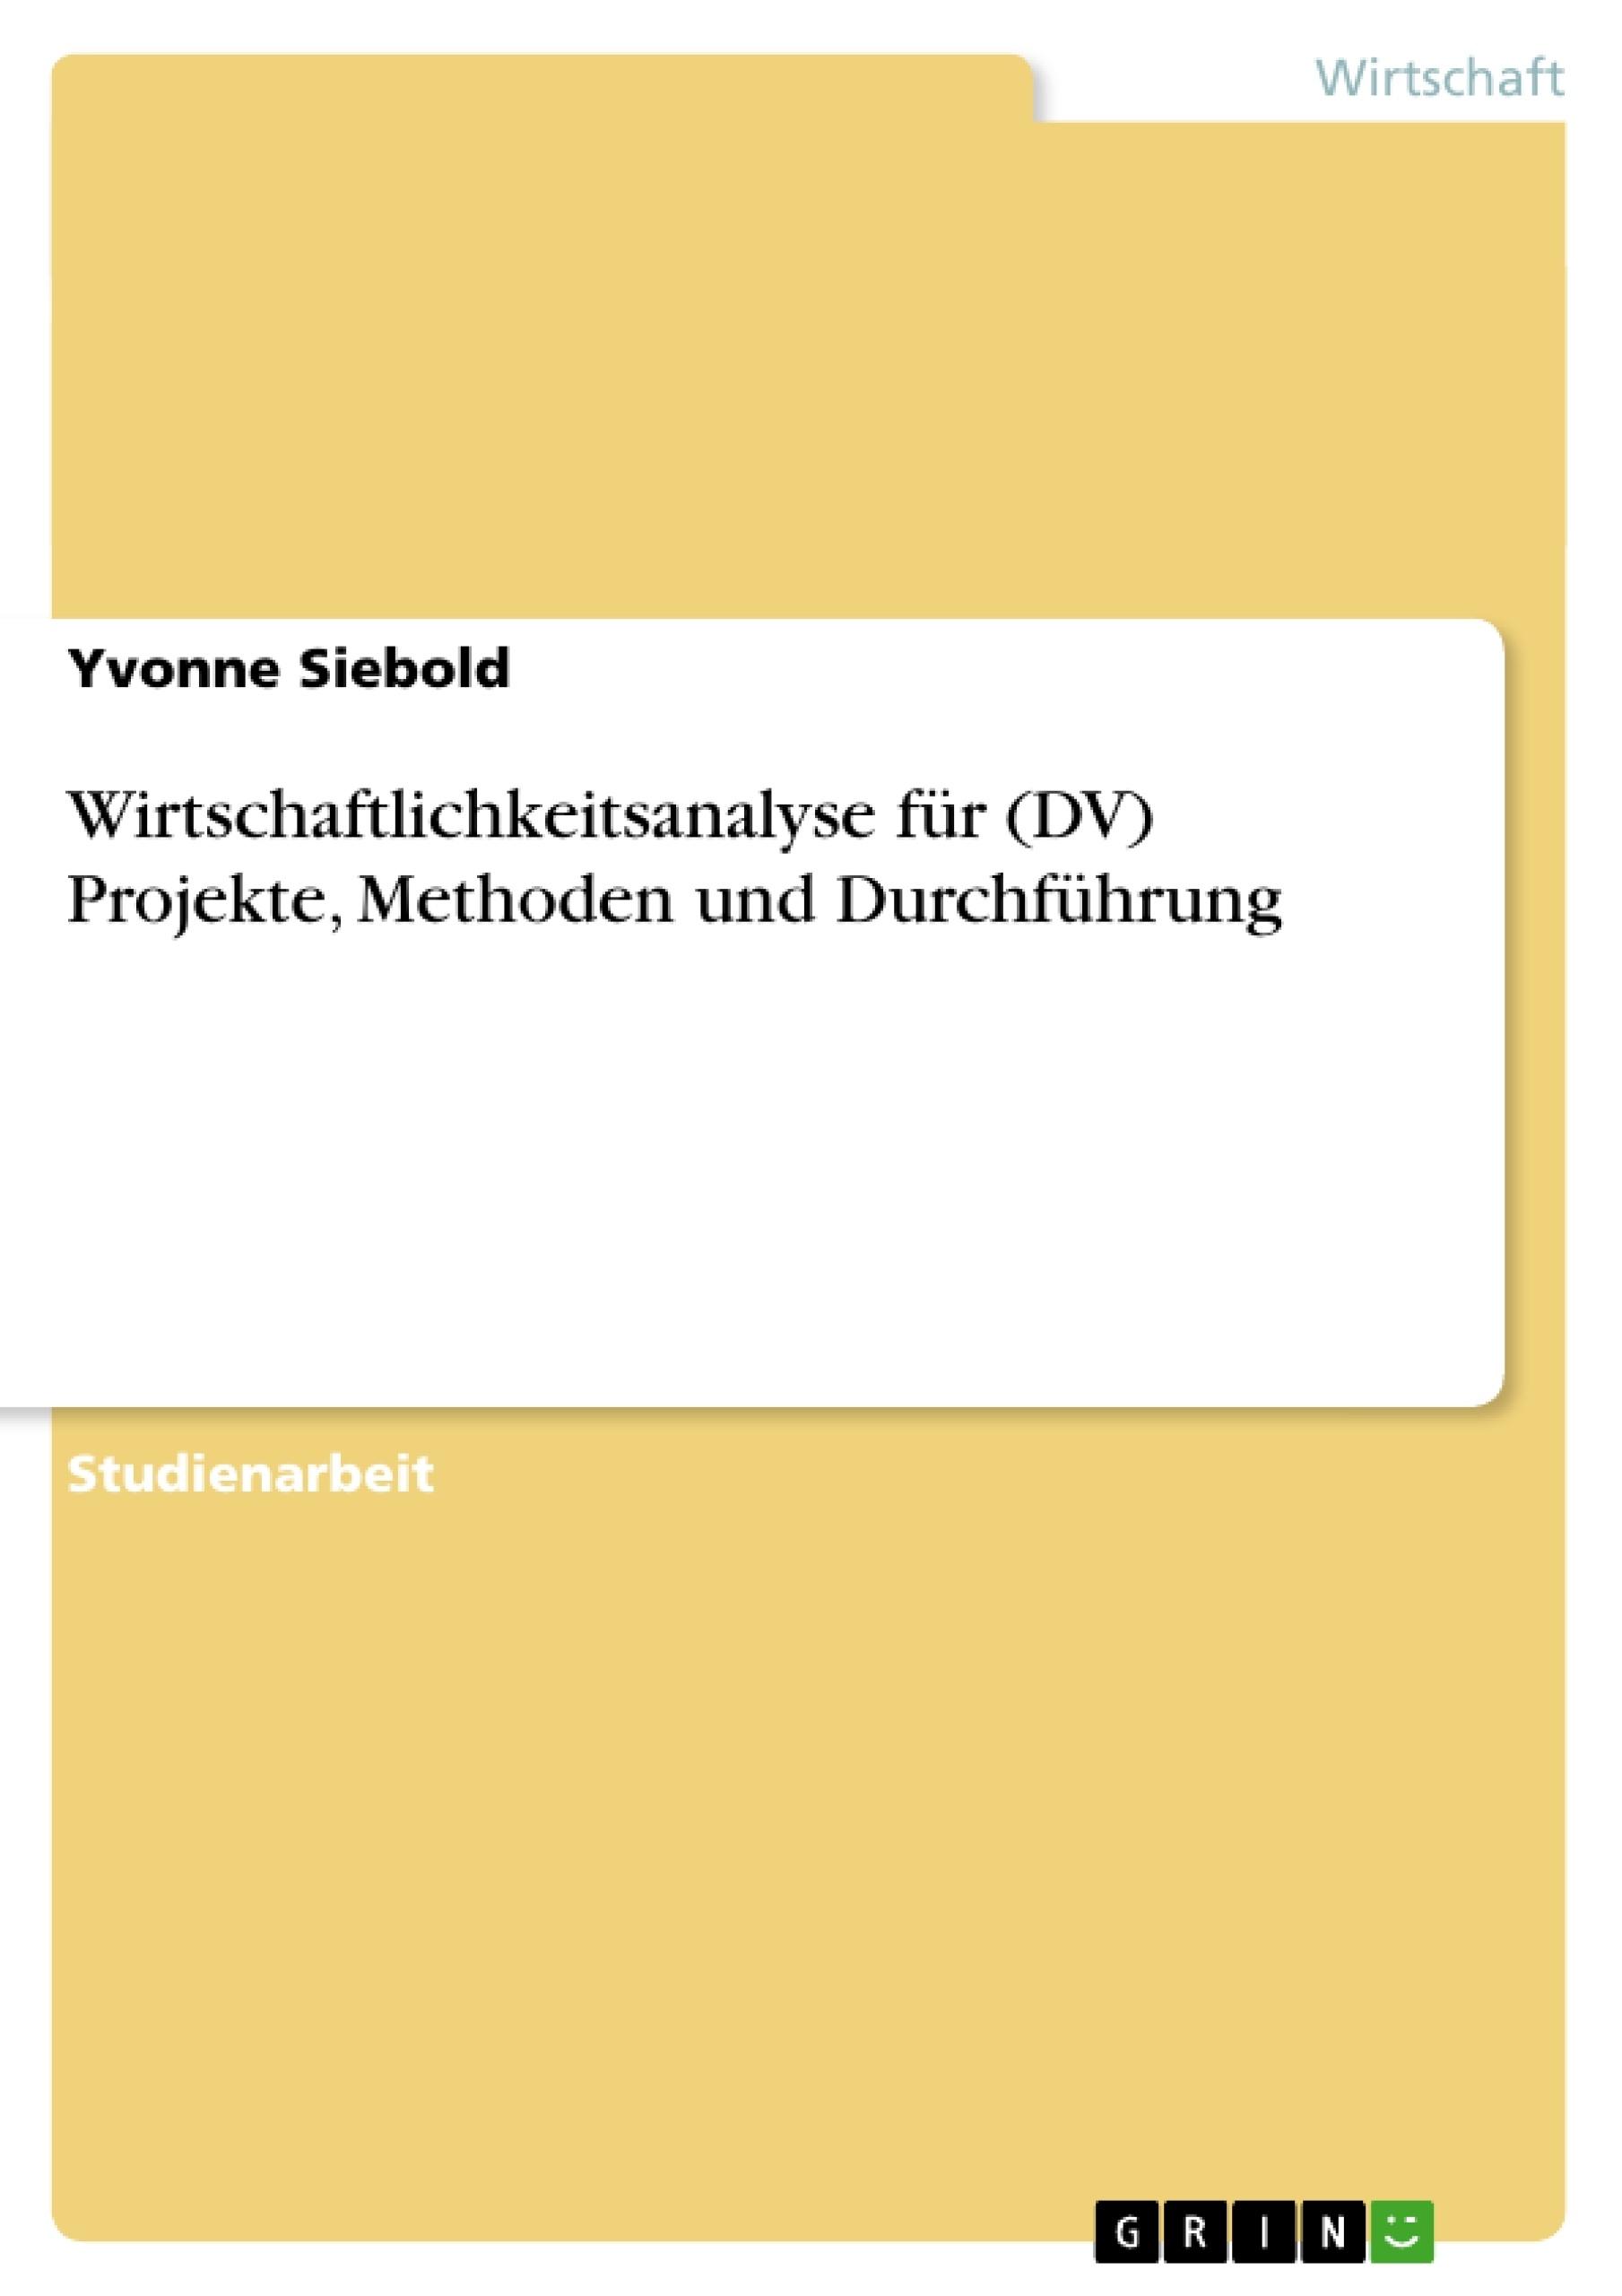 Titel: Wirtschaftlichkeitsanalyse für (DV) Projekte, Methoden und Durchführung